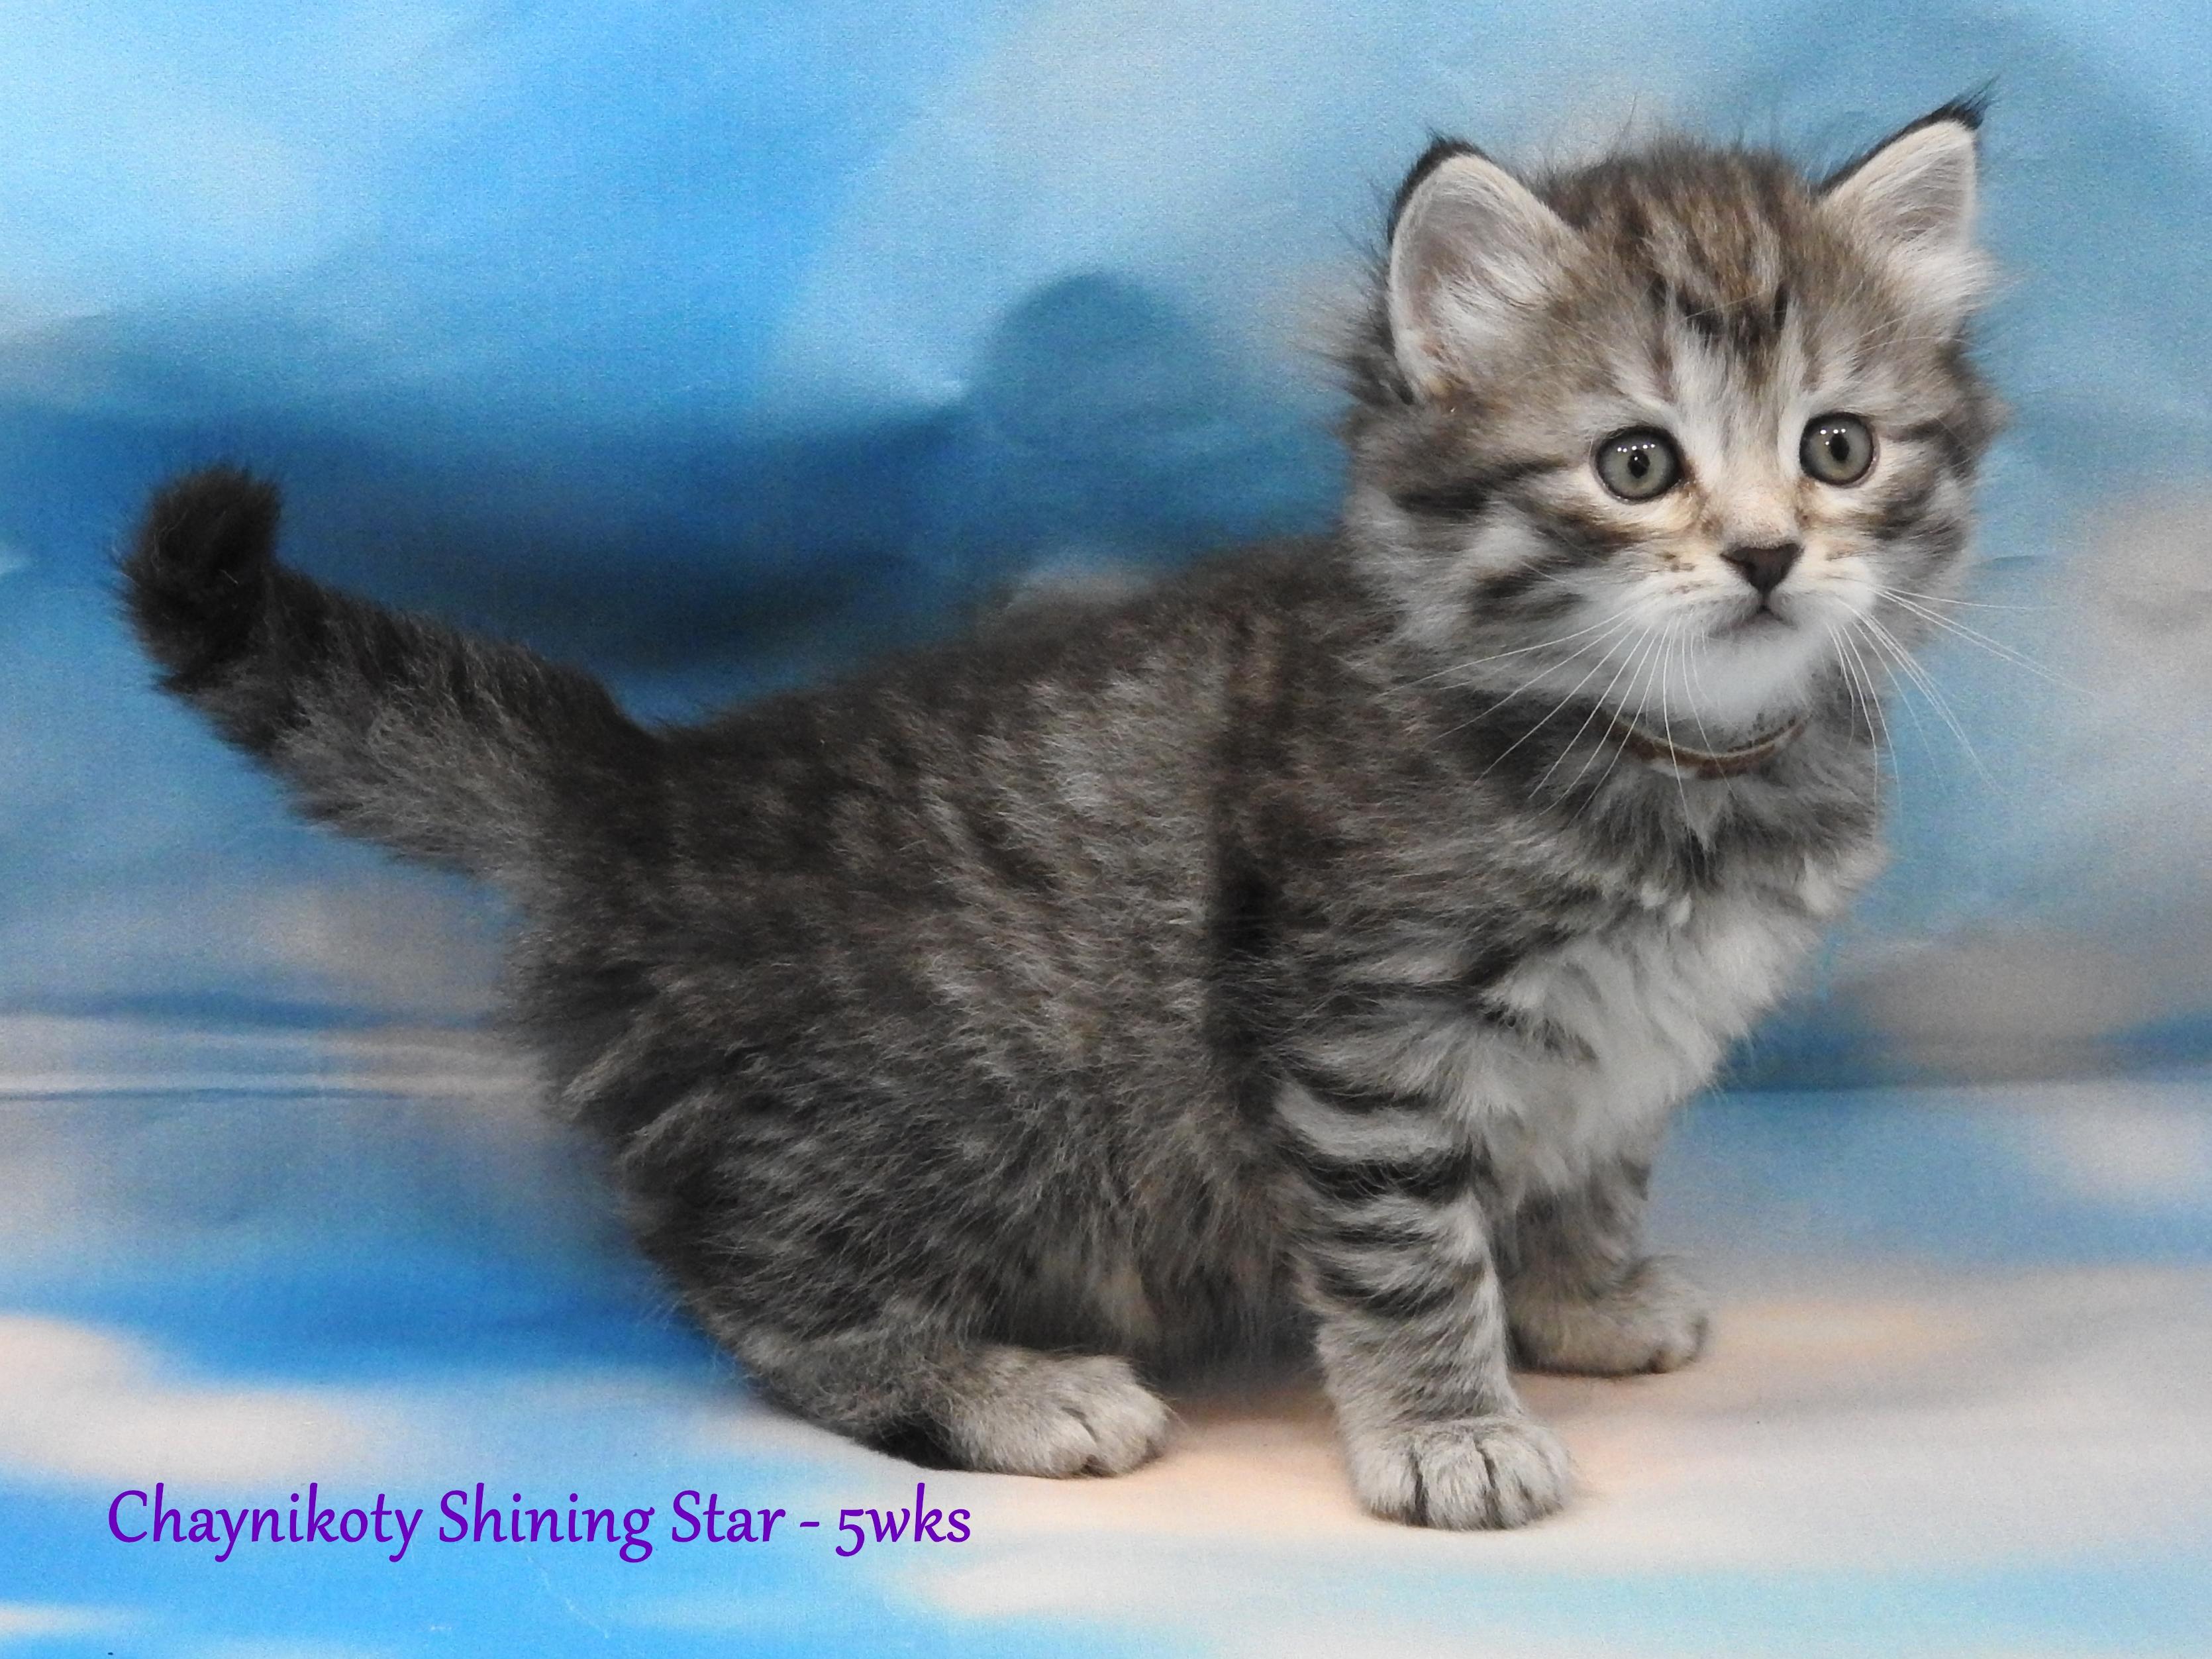 Chaynikoty Shining Star